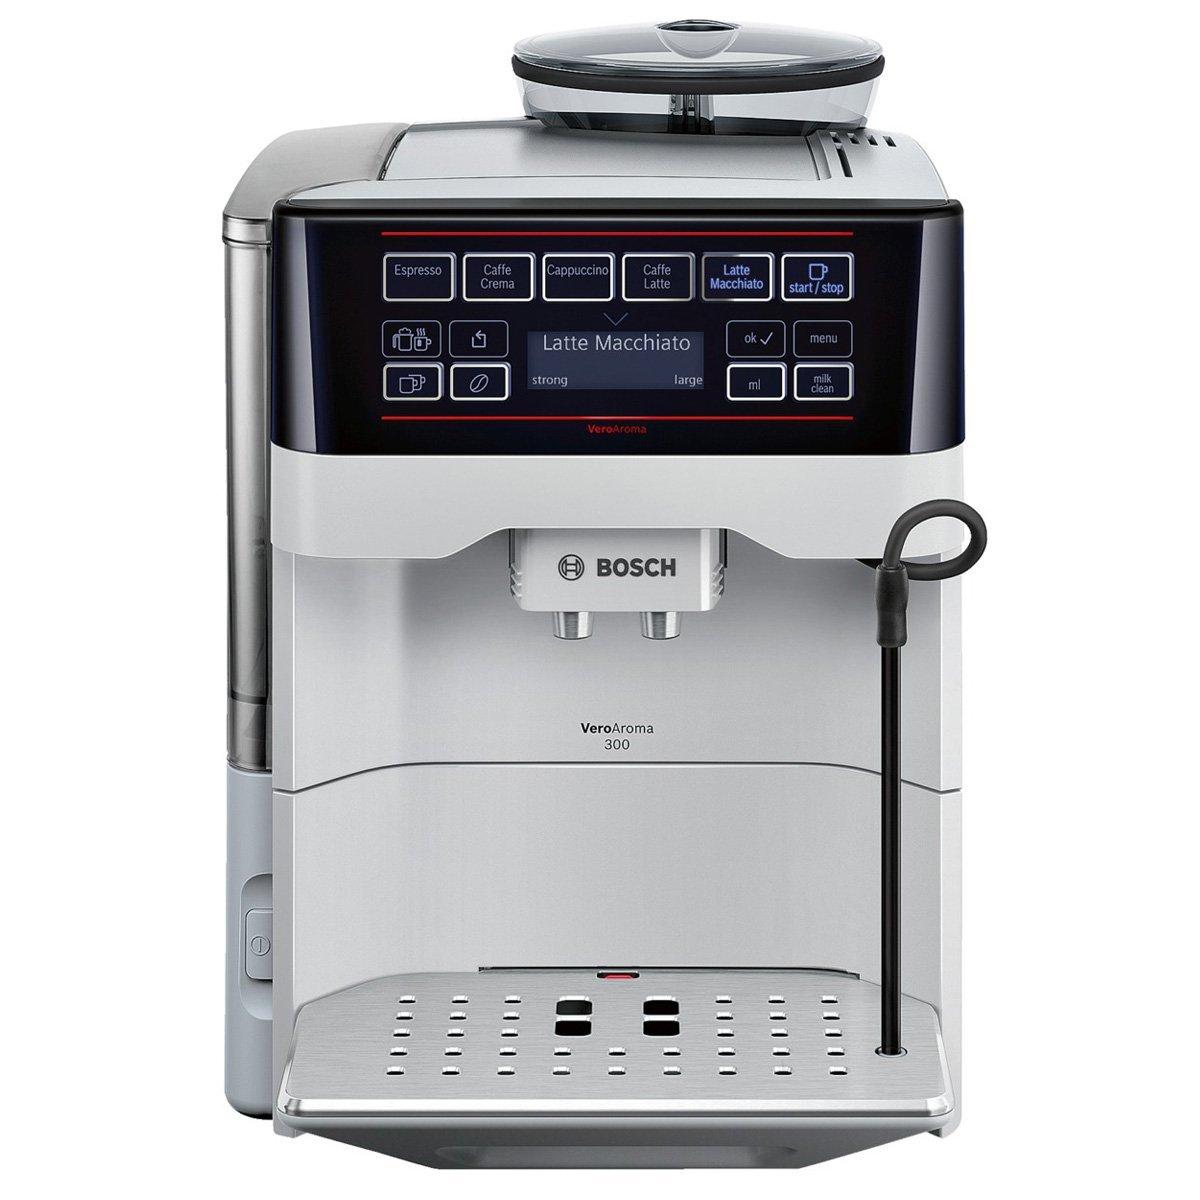 Bosch Tes60351de Kaffeevollautomat Veroaroma 300 Onetouch Zubereitung